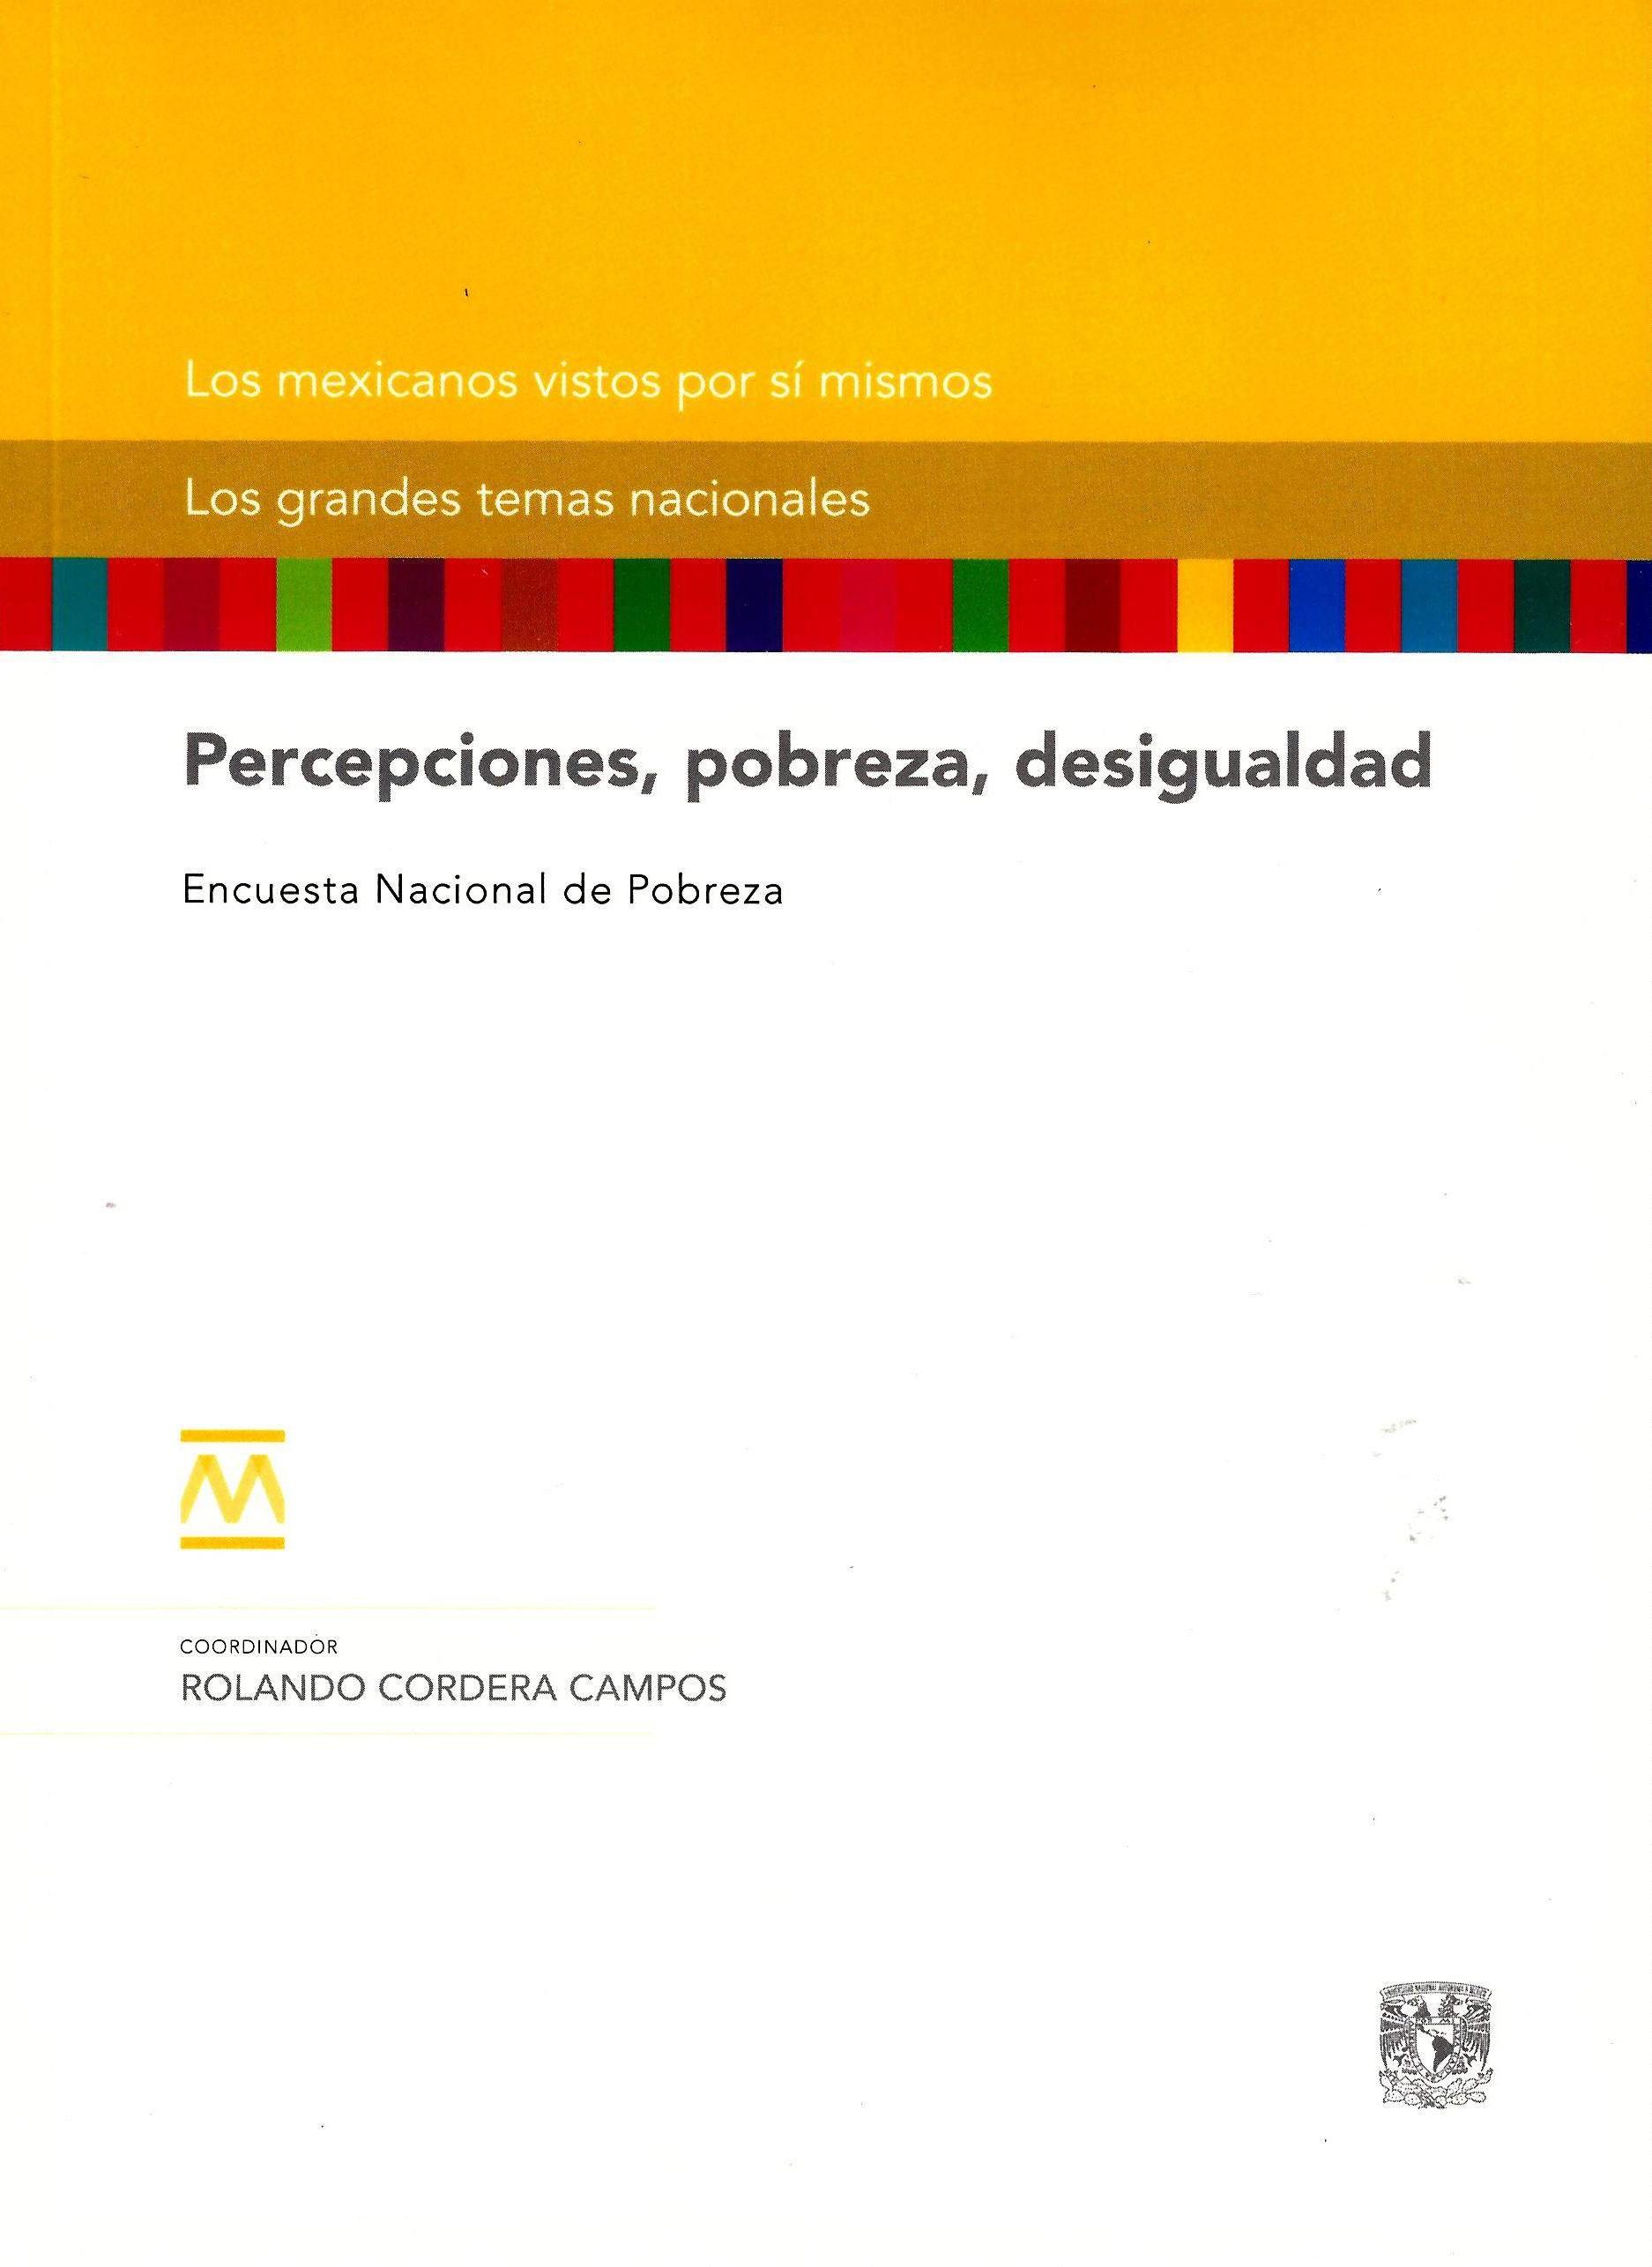 Percepciones, pobreza, desigualdad Encuesta Nacional de Pobreza